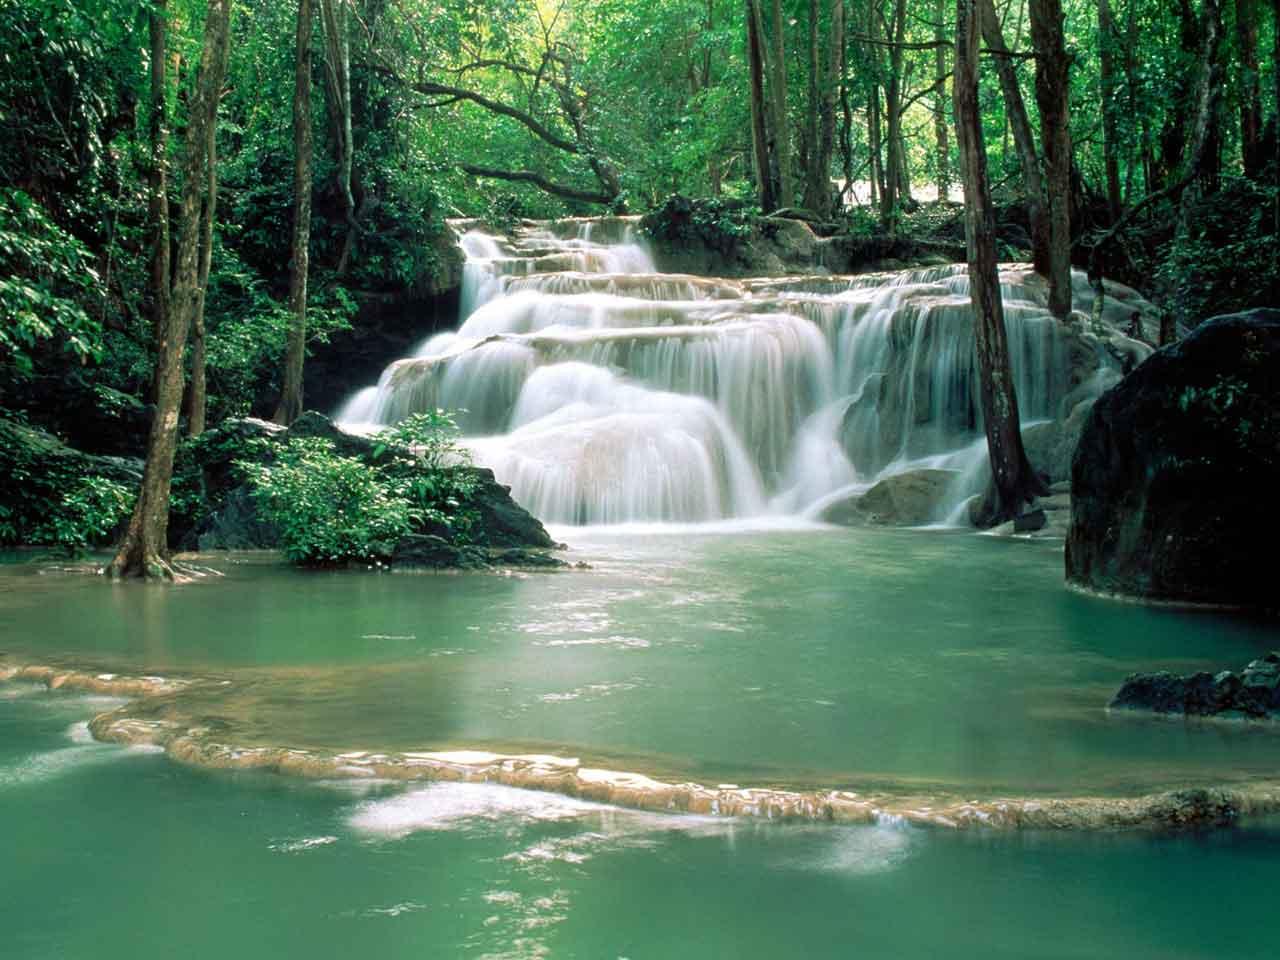 Fondos de pantalla de paisajes naturales17